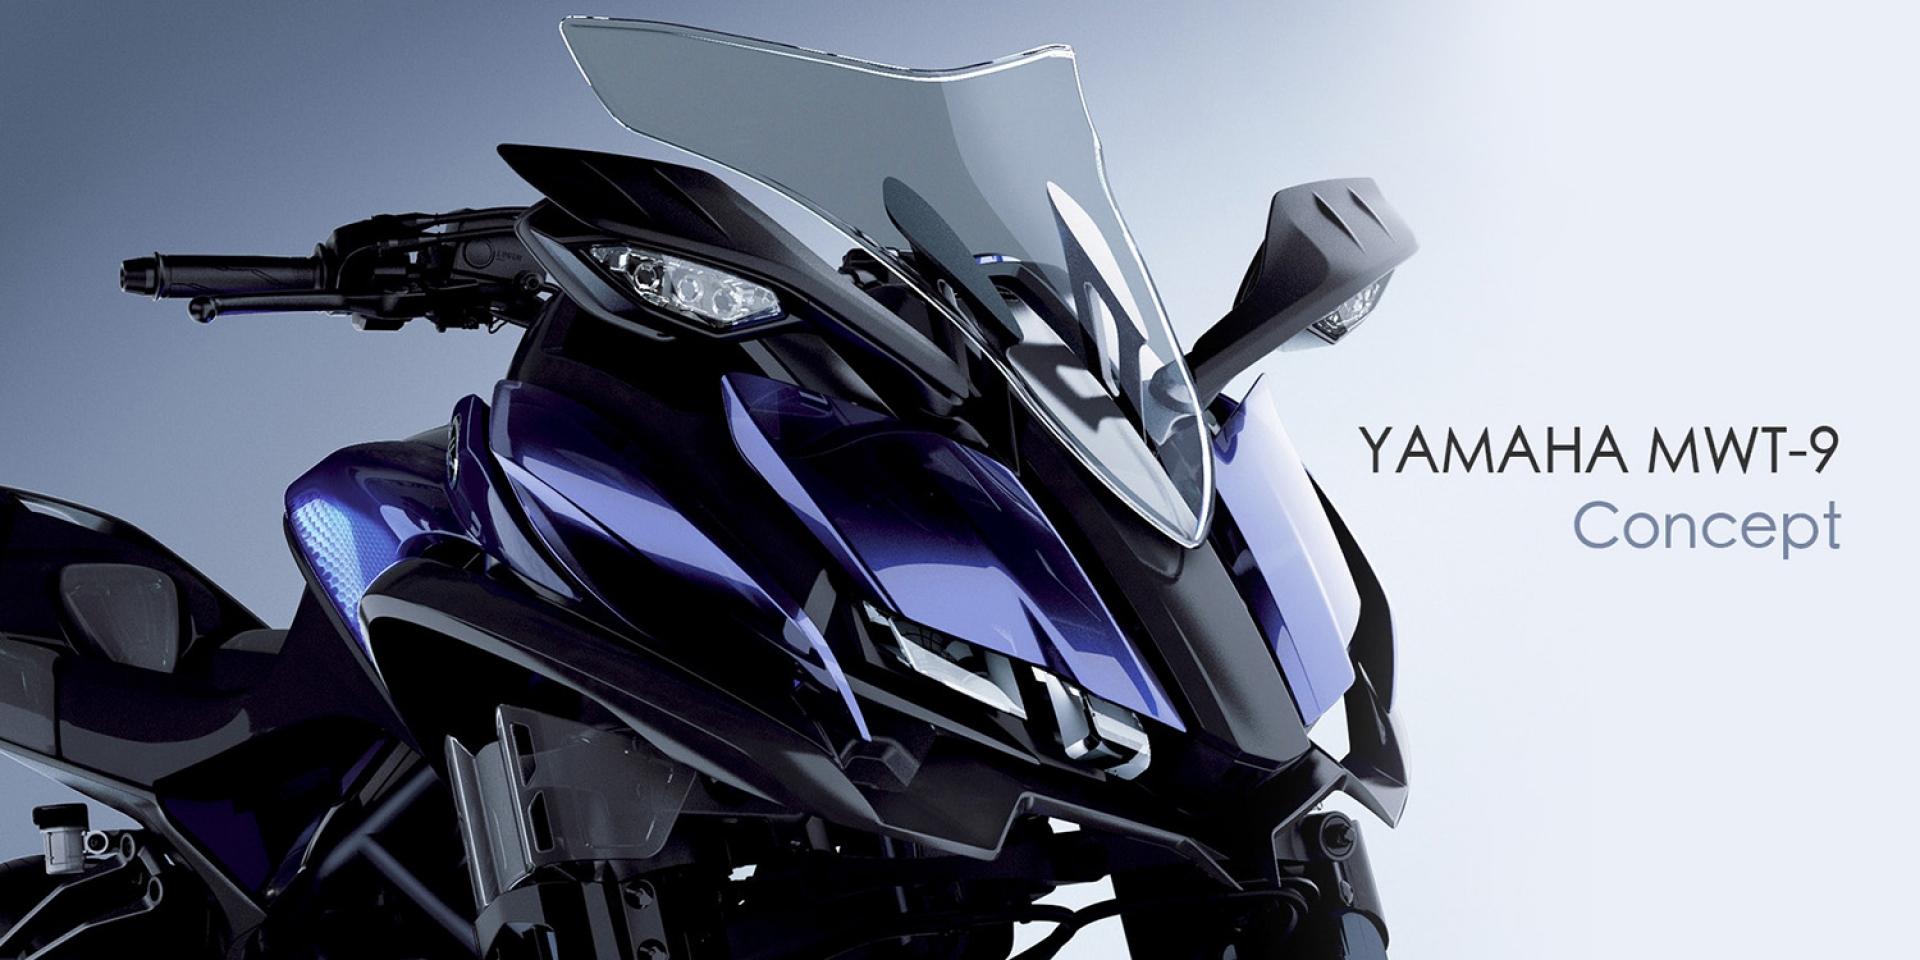 三輪猛獸。Yamaha MWT-9 概念車 東京車展登場